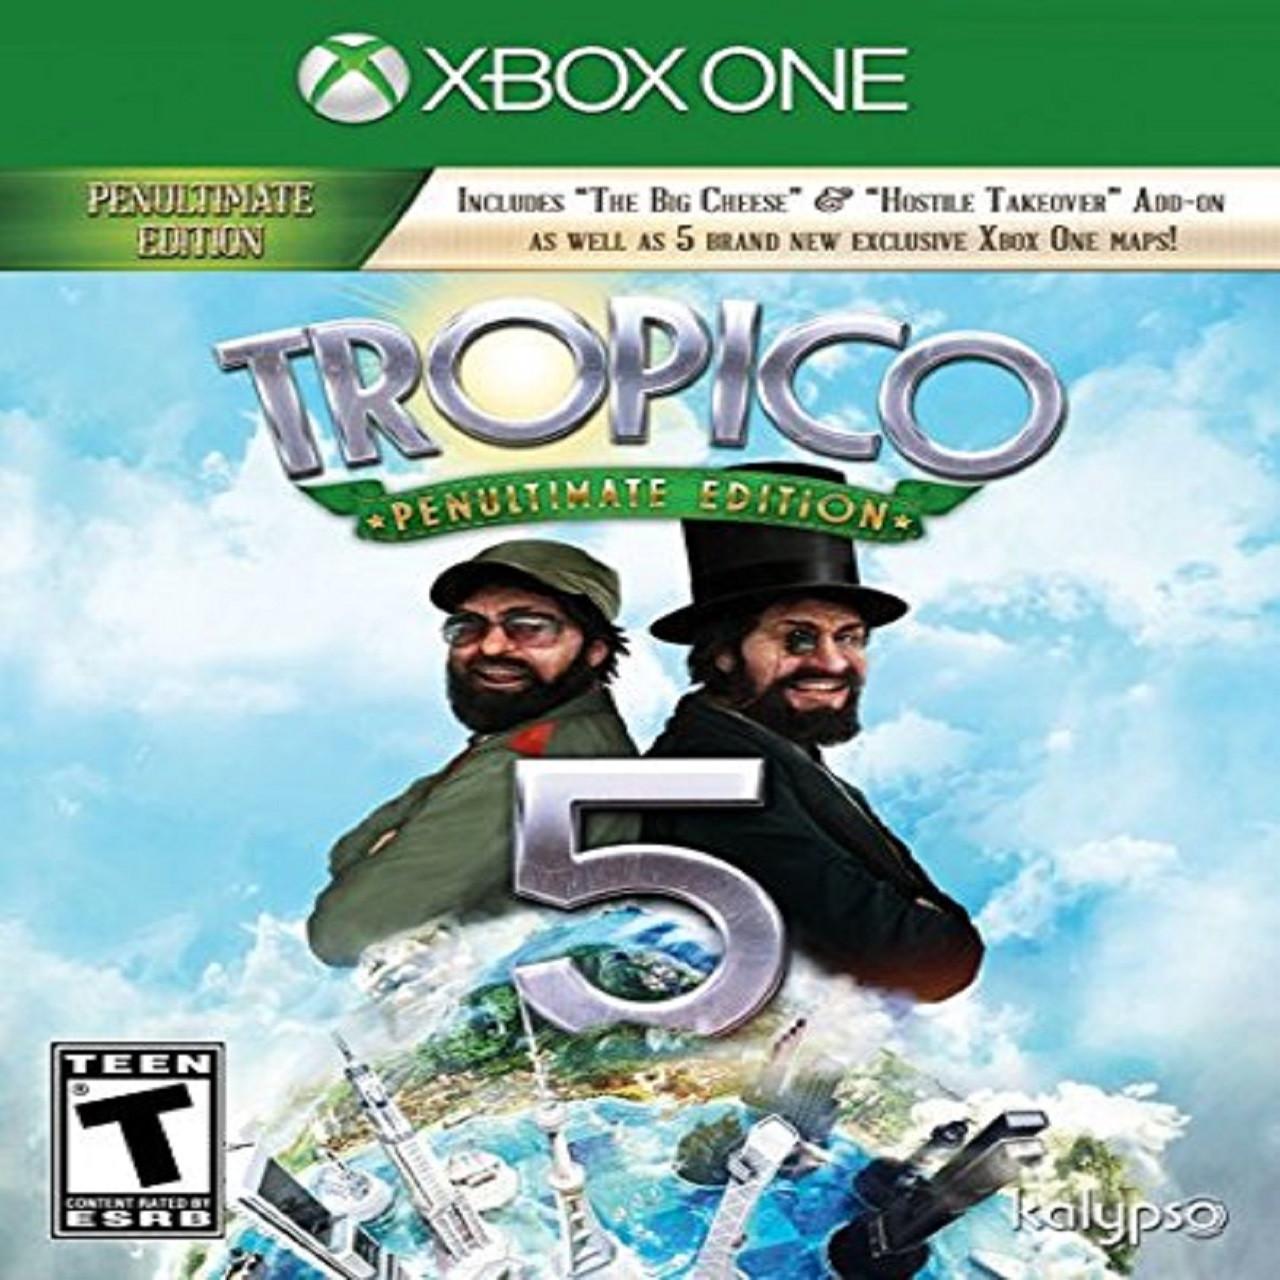 Tropico 5 XBOX ONE (русская версия) (Б/У)